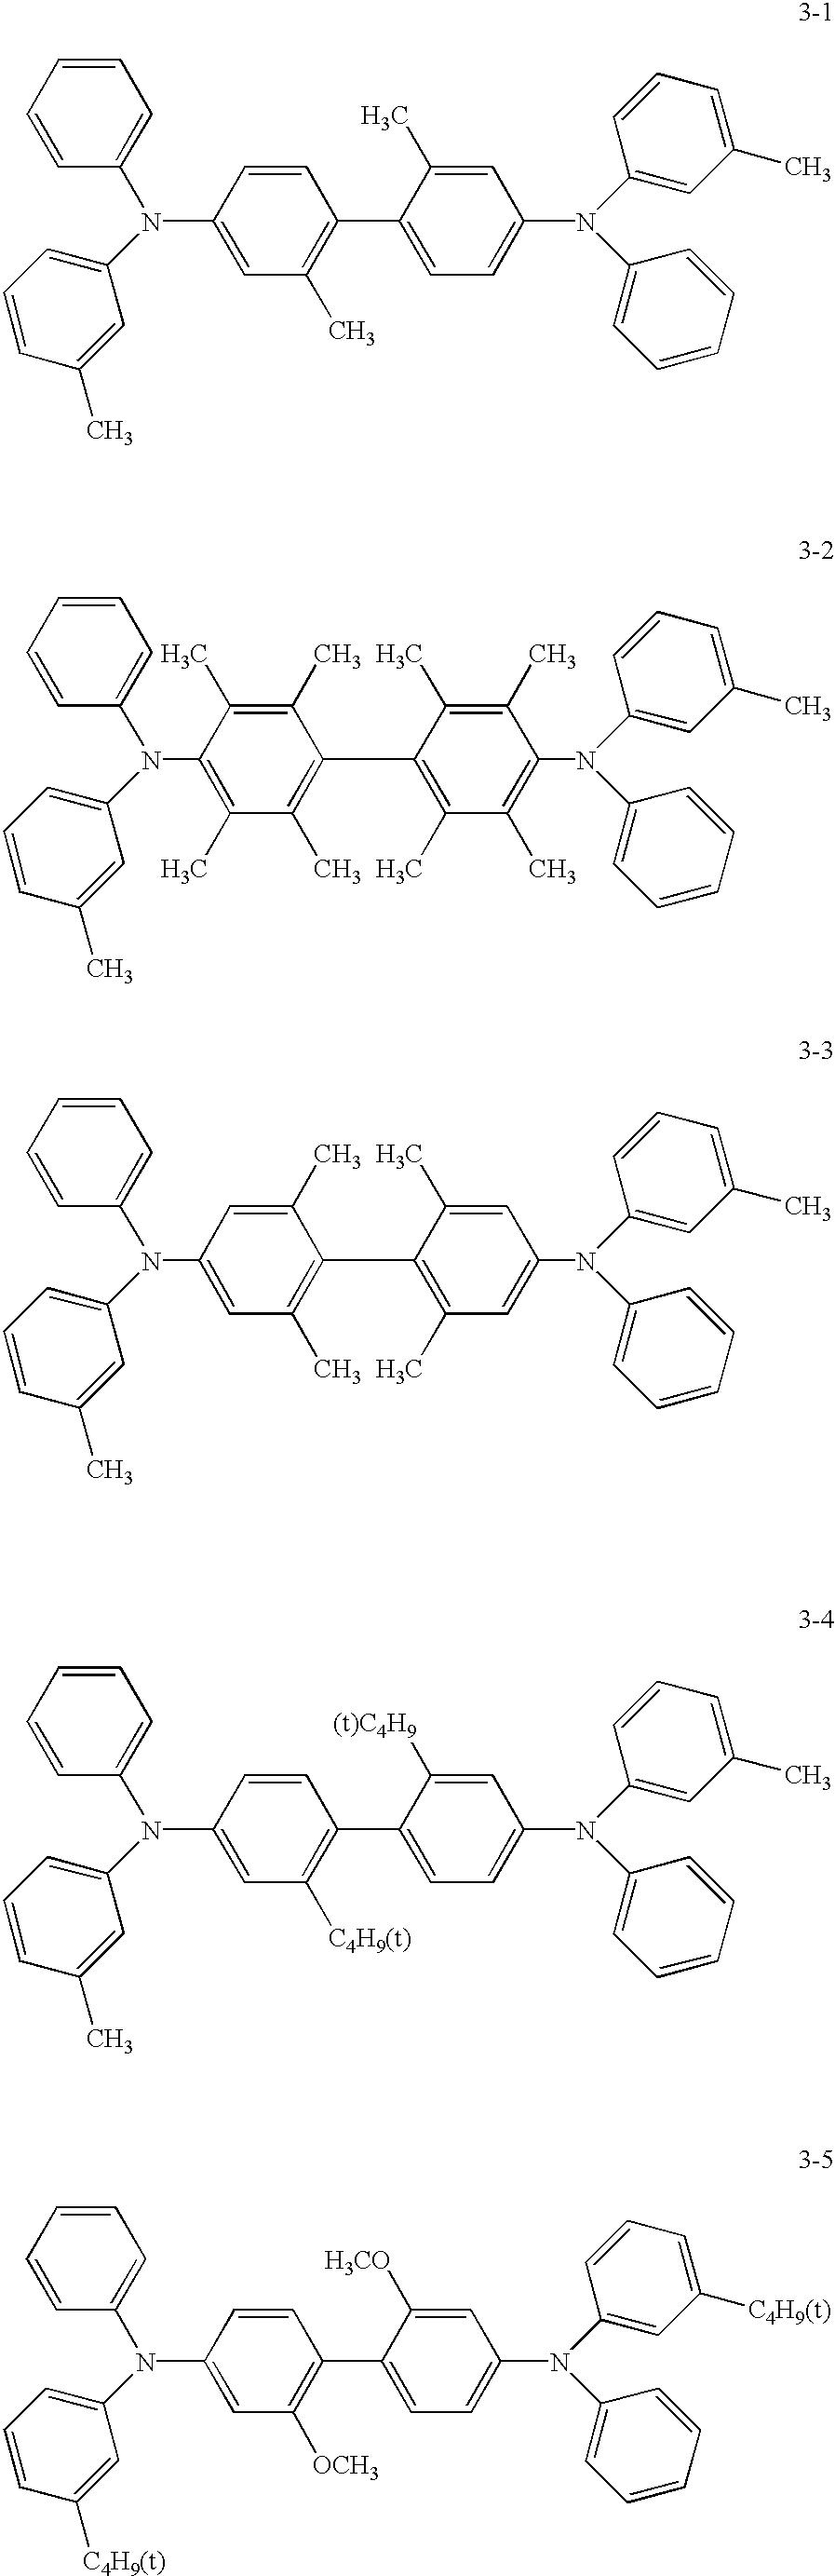 Figure US06750608-20040615-C00008